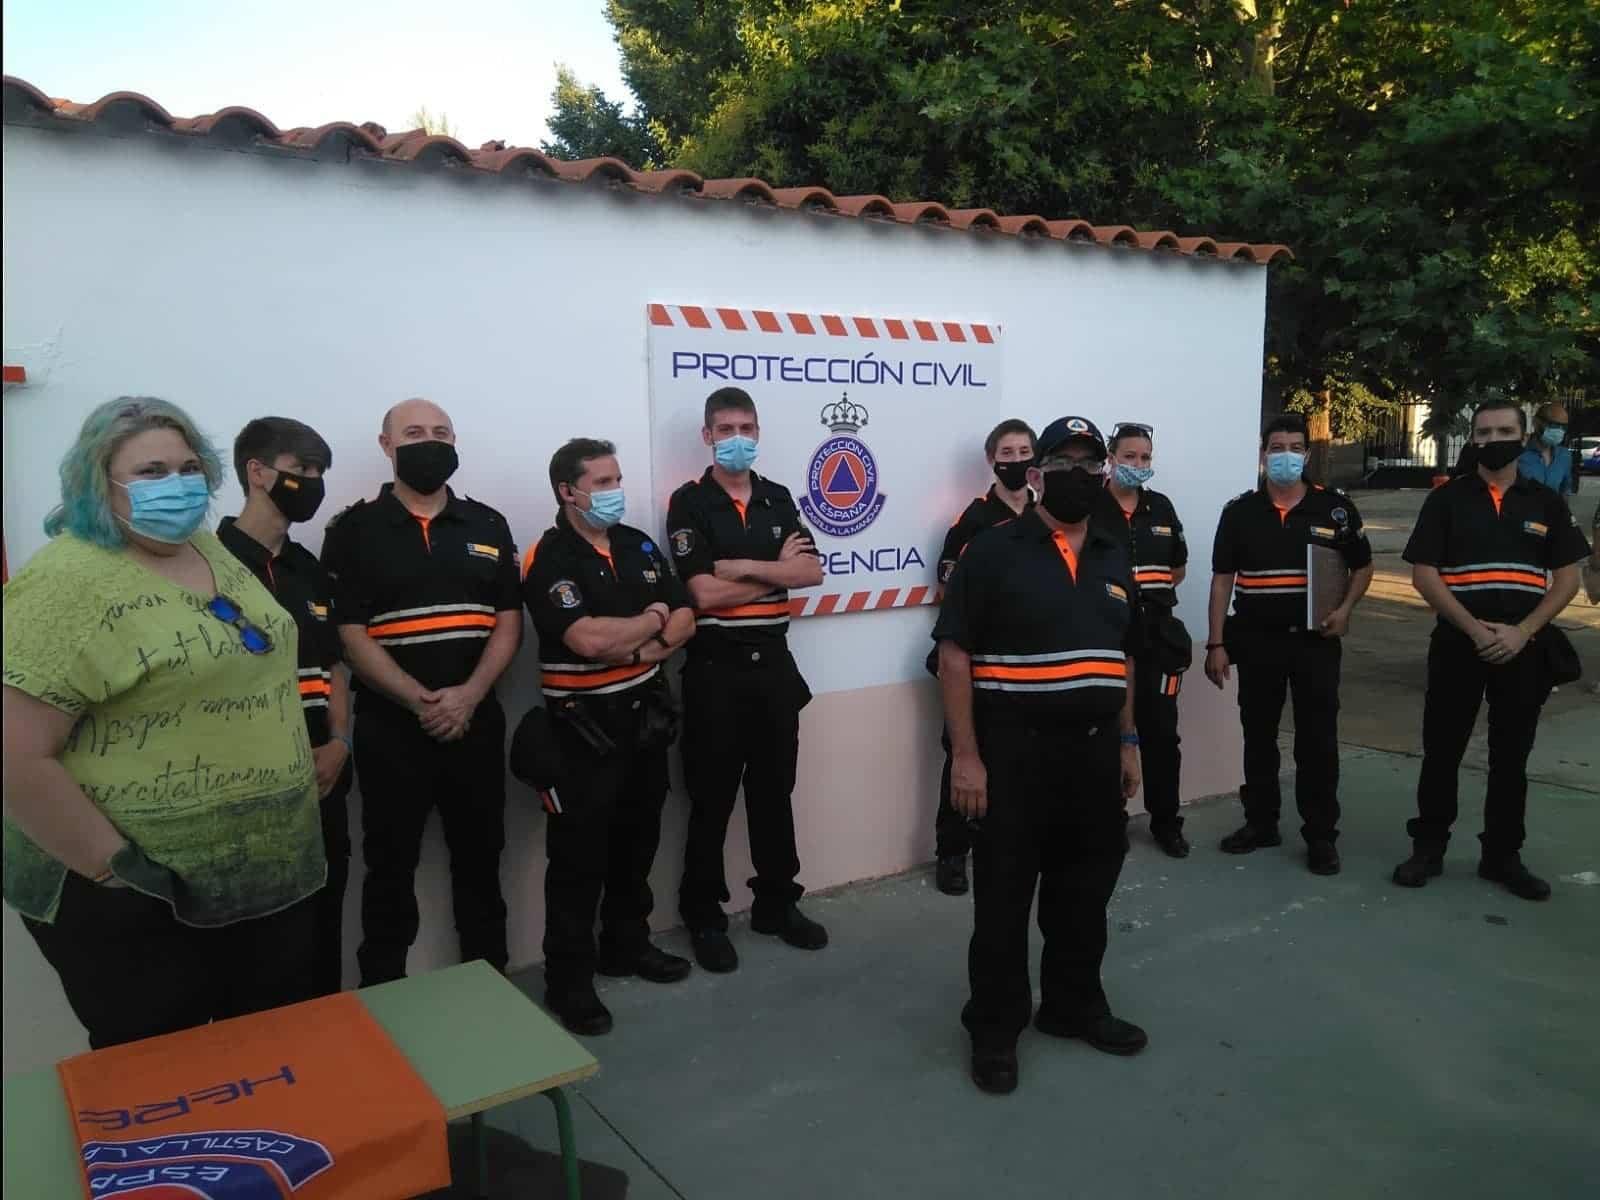 inauguracion nueva sede proteccion civil herencia 1 - La Agrupación de Voluntarios de Protección Civil inauguró su nueva sede local